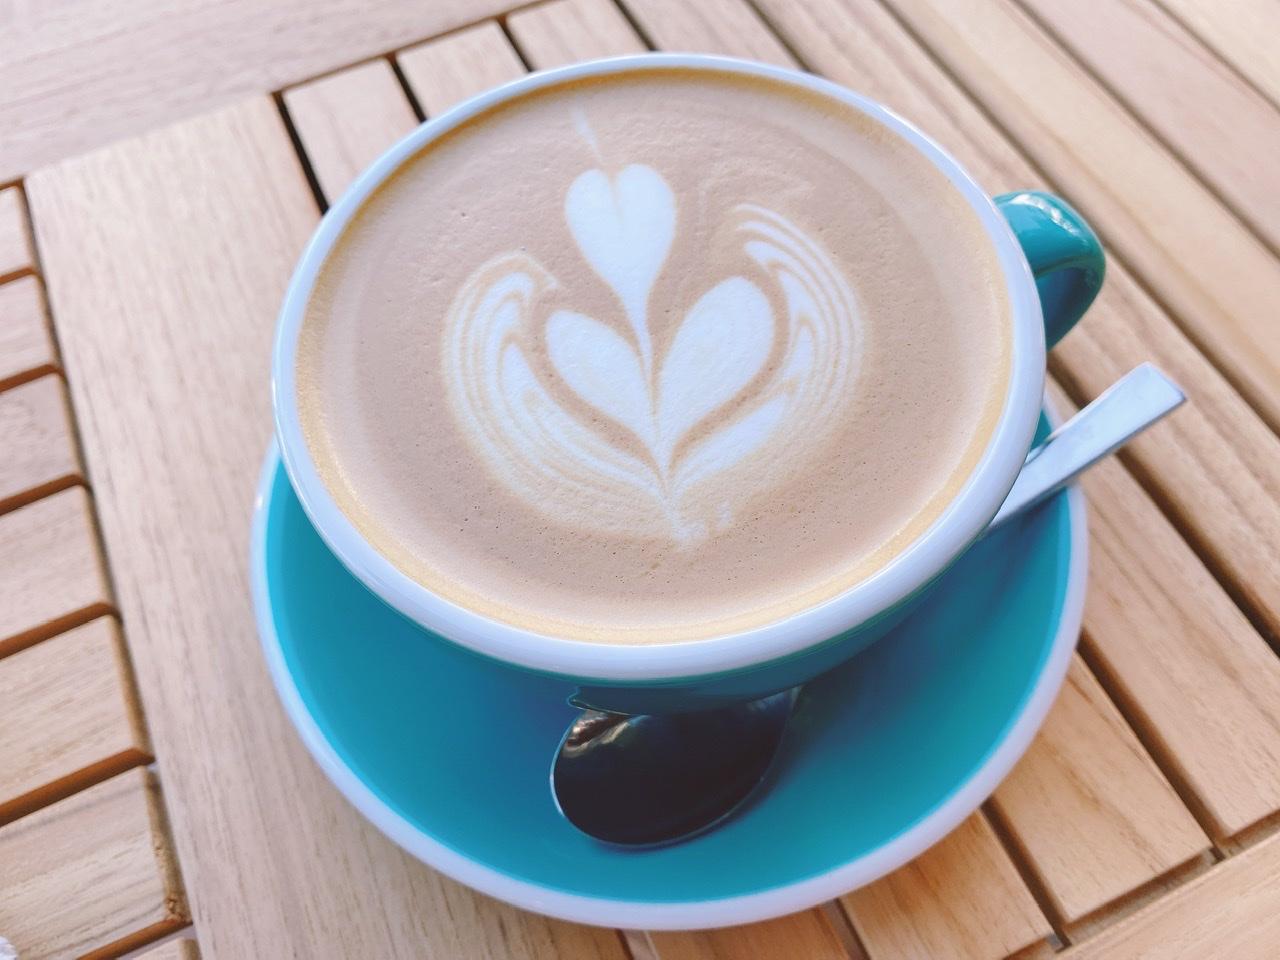 【表参道カフェ】世界1号店!スタバ創業メンバーが手掛ける《エリック・ローズ》が日本初上陸★_5